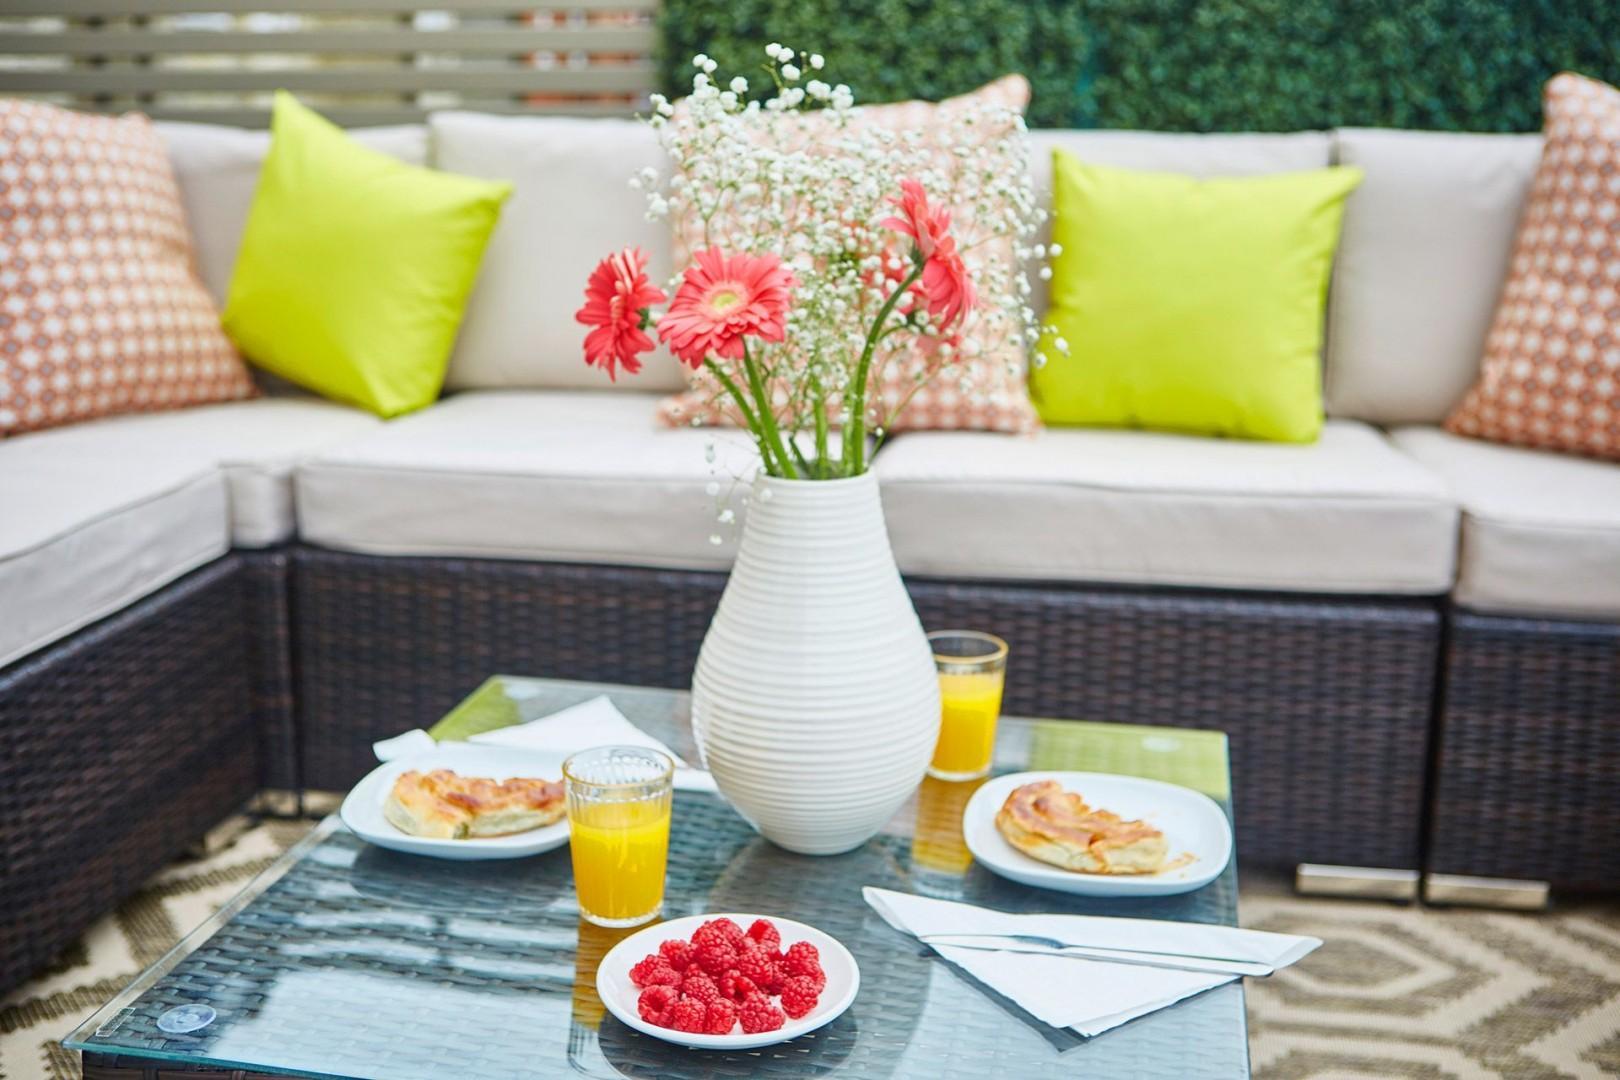 Enjoy your breakfast al fresco on the rooftop terrace